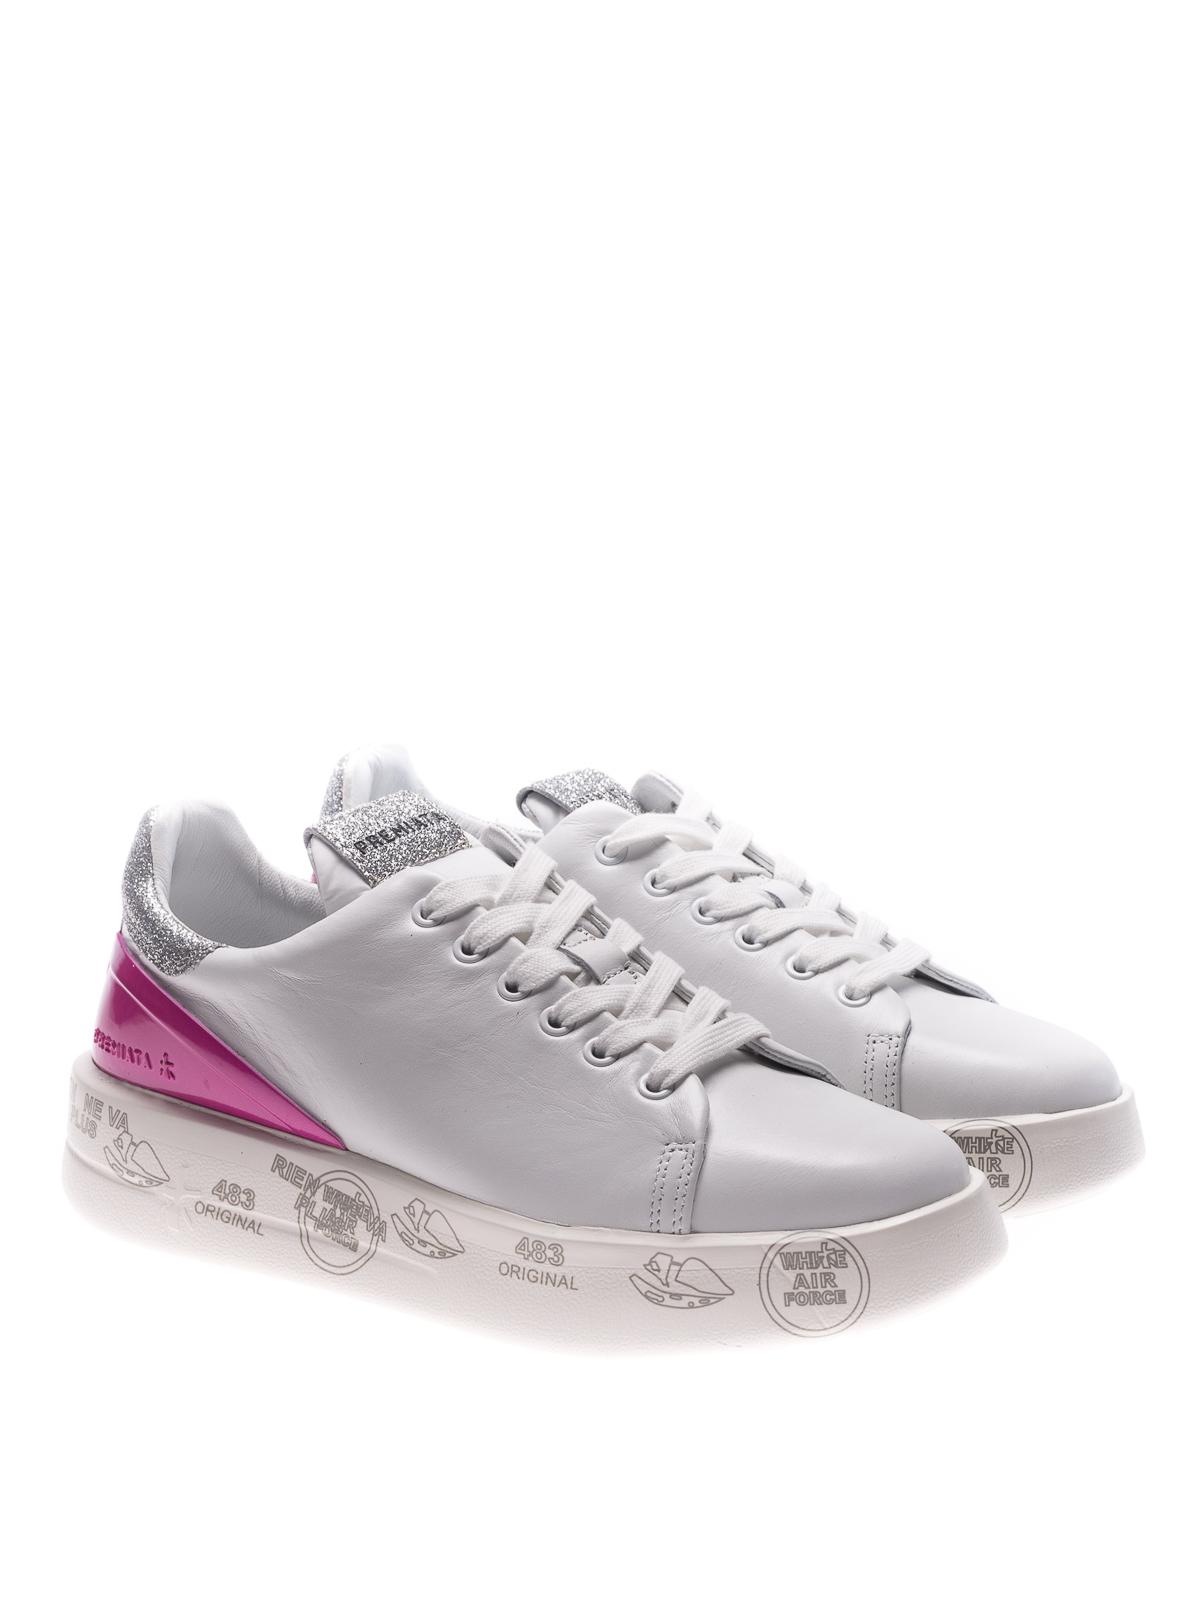 Sneaker Sneakers Con Dettaglio Belle Premiata 3015 Fucsia pXqdpx